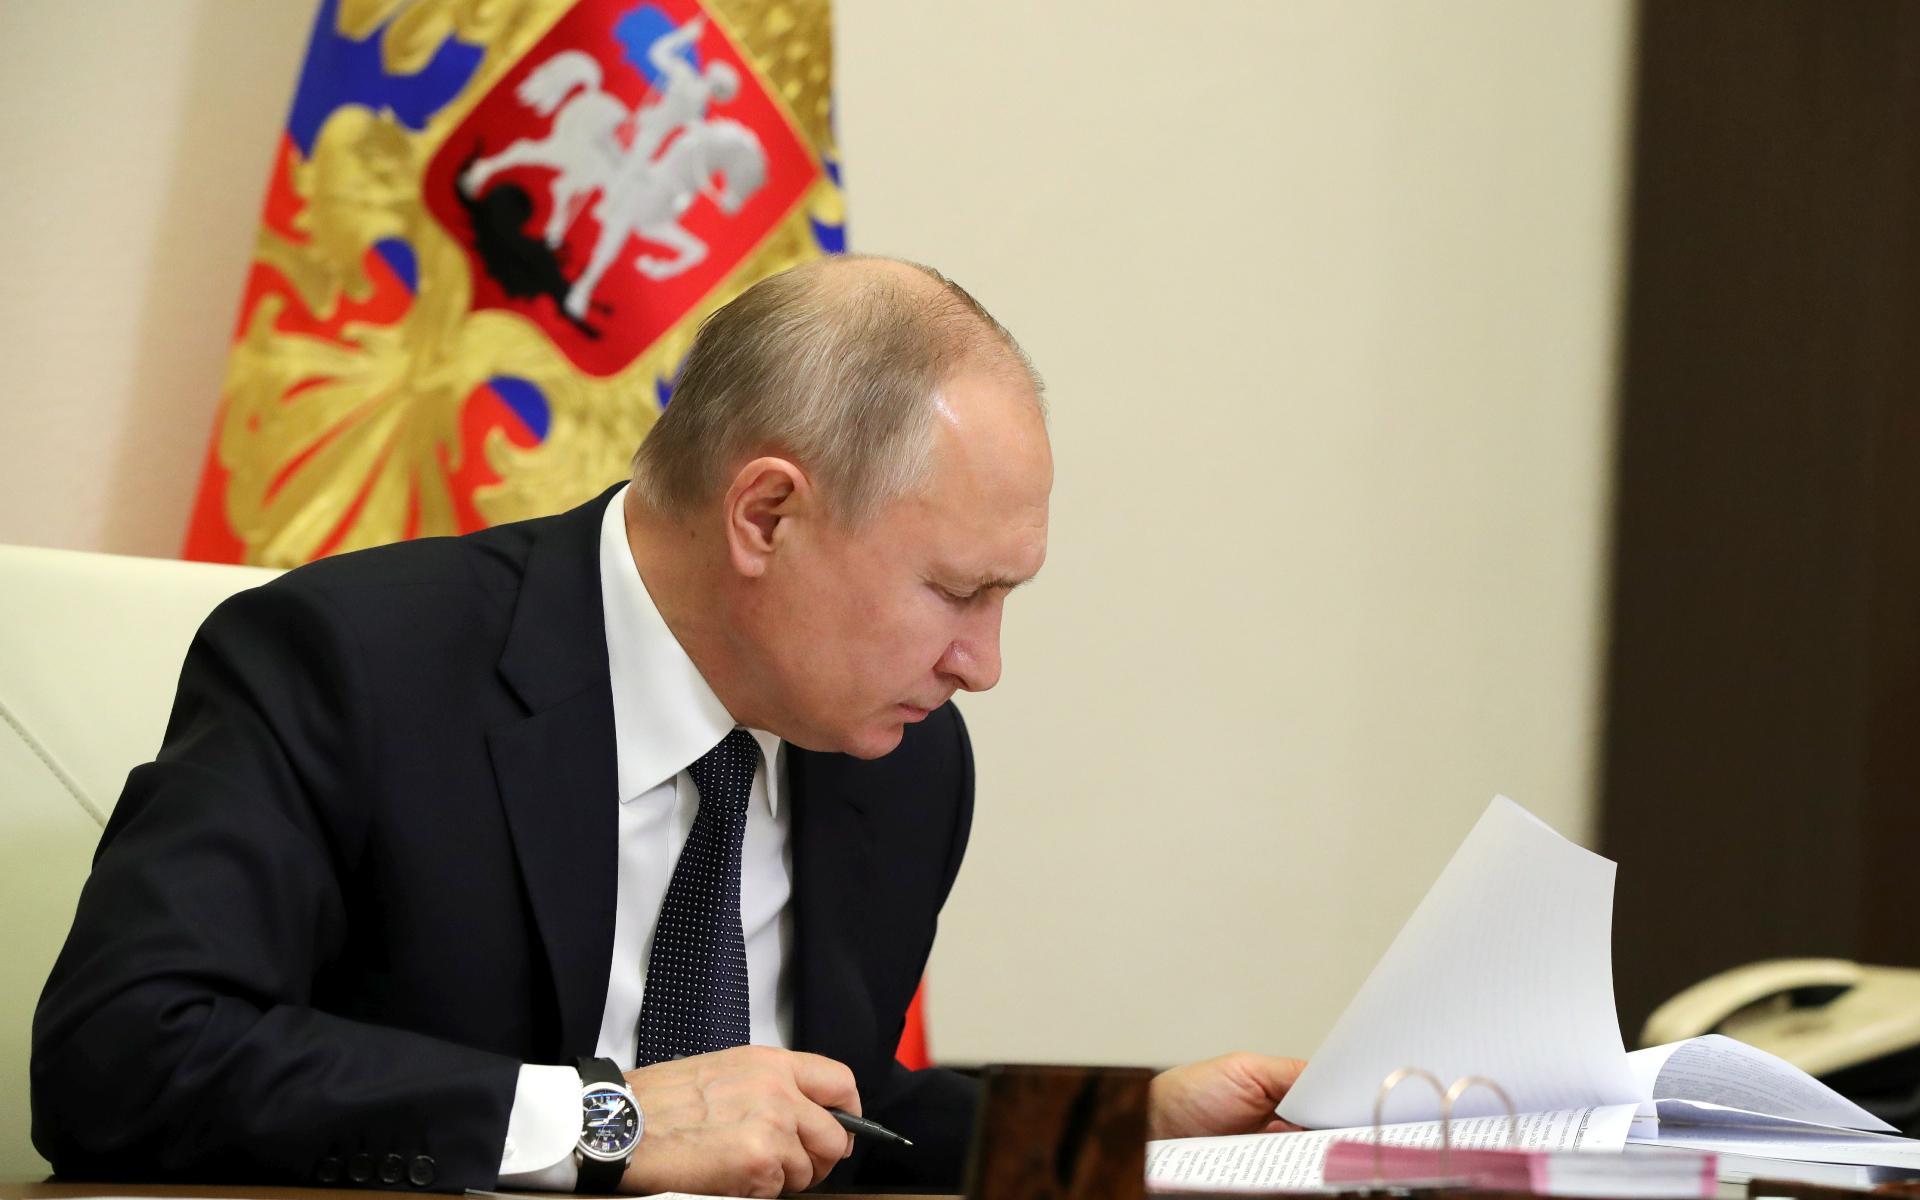 Президент России Владимир Путин во время совместного заседания Госсовета и Совета по стратегическому развитию и национальным проектам в режиме видеоконференции в Ново-Огарево